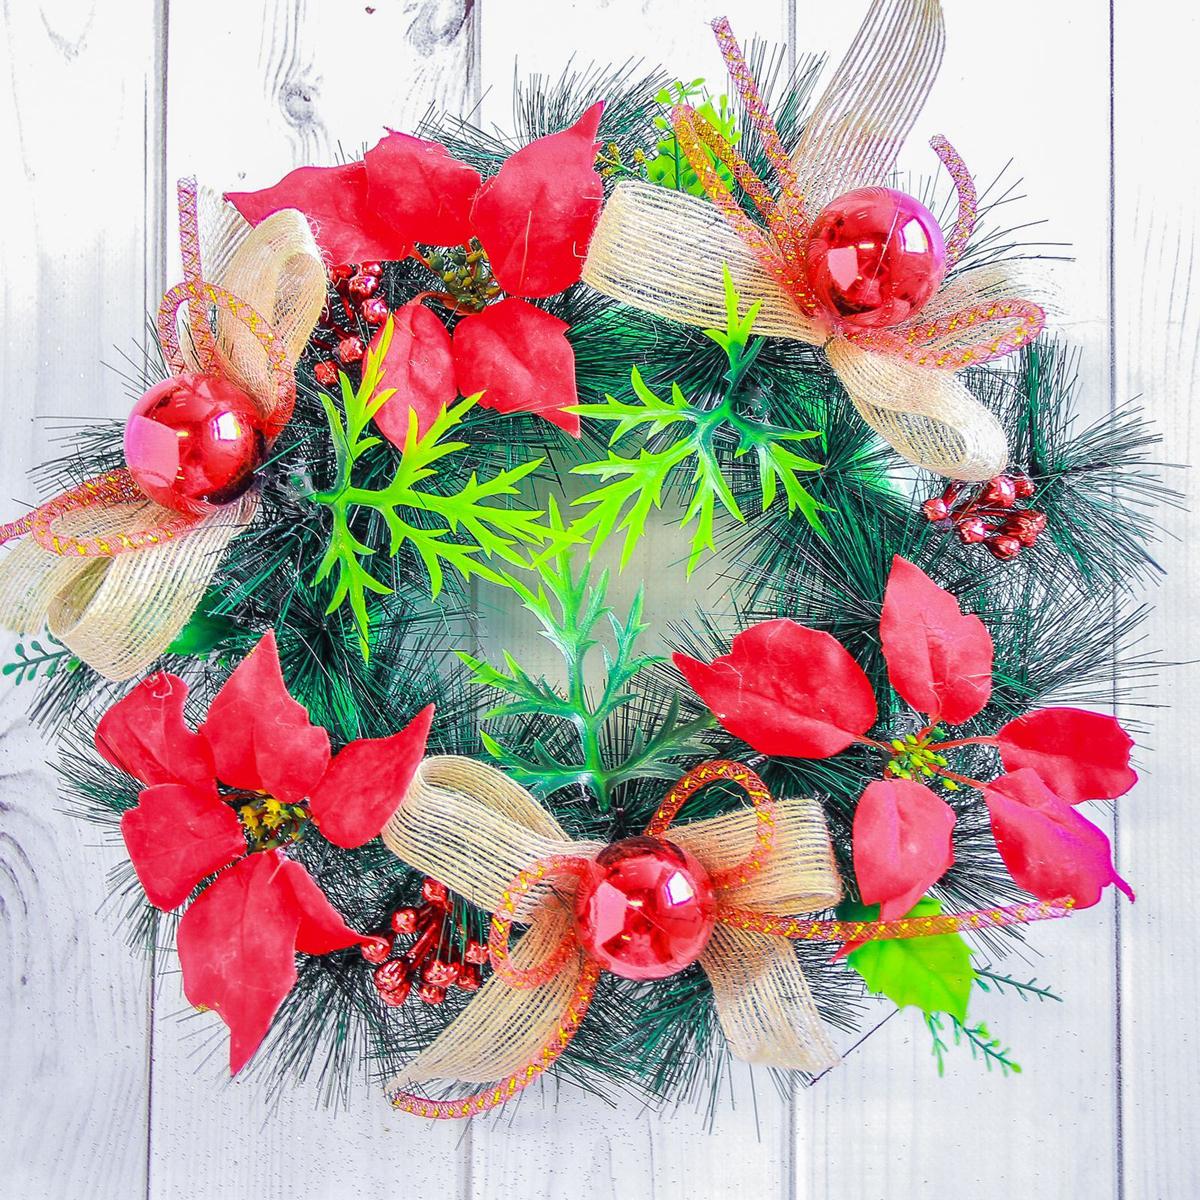 Венок новогодний NoName Красные цветы и банты, диаметр 25 см2377994Невозможно представить нашу жизнь без праздников! Мы всегда ждем их и предвкушаем, обдумываем, как проведем памятный день, тщательно выбираем подарки и аксессуары, ведь именно они создают и поддерживают торжественный настрой. Это отличный выбор, который привнесет атмосферу праздника в ваш дом!Диаметр венка: 25 см.